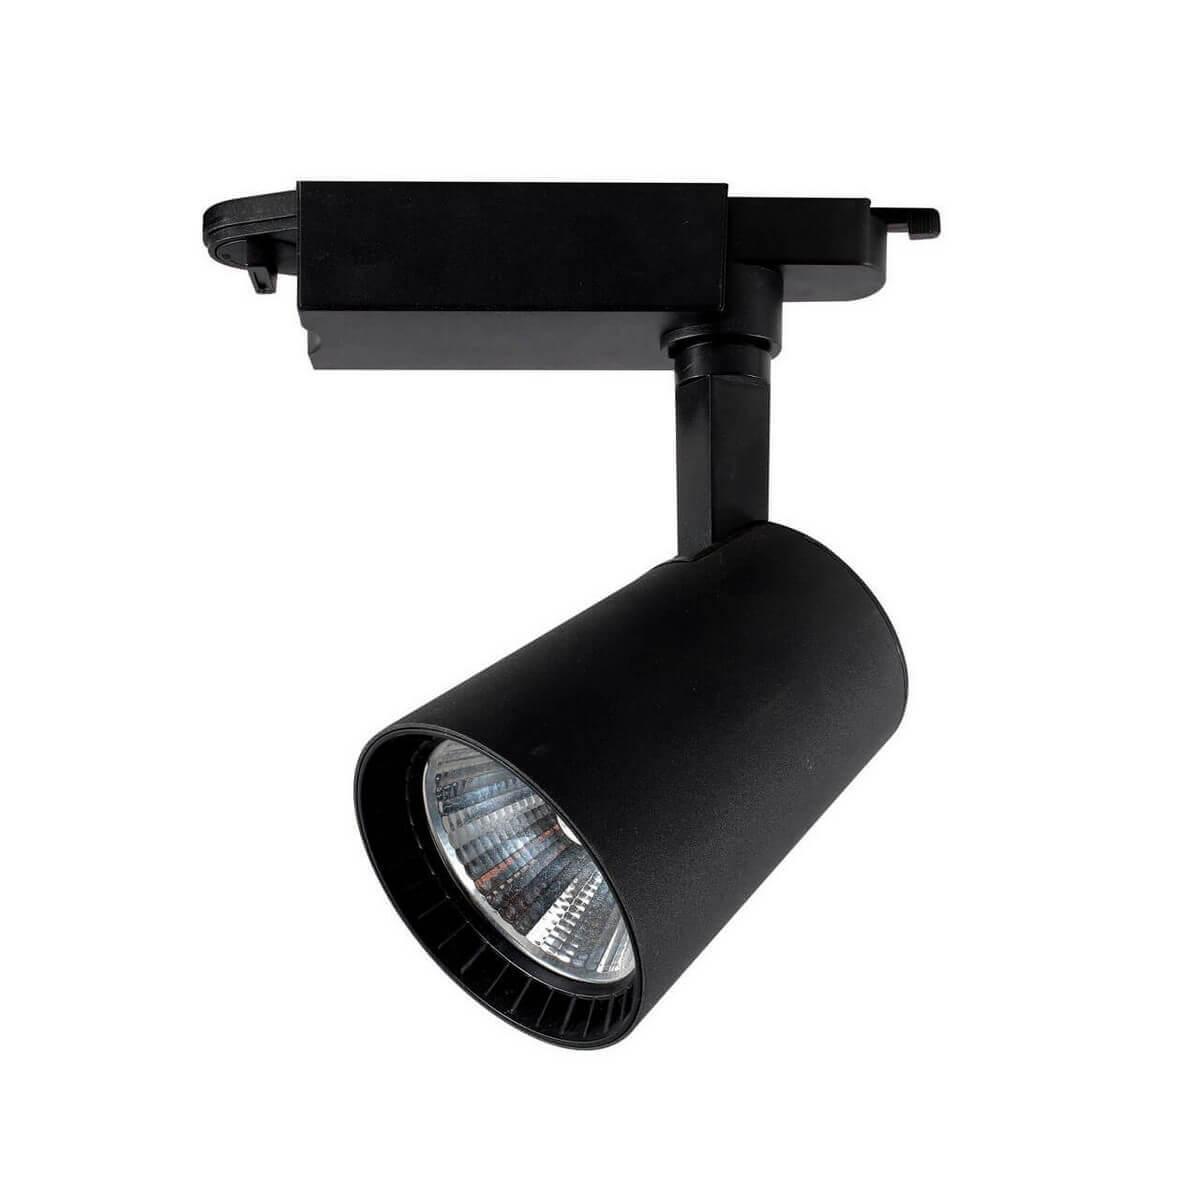 Трековый светодиодный светильник Kink Light Треки 6484-2,19 трековый светодиодный светильник kink light треки 6483 1 01